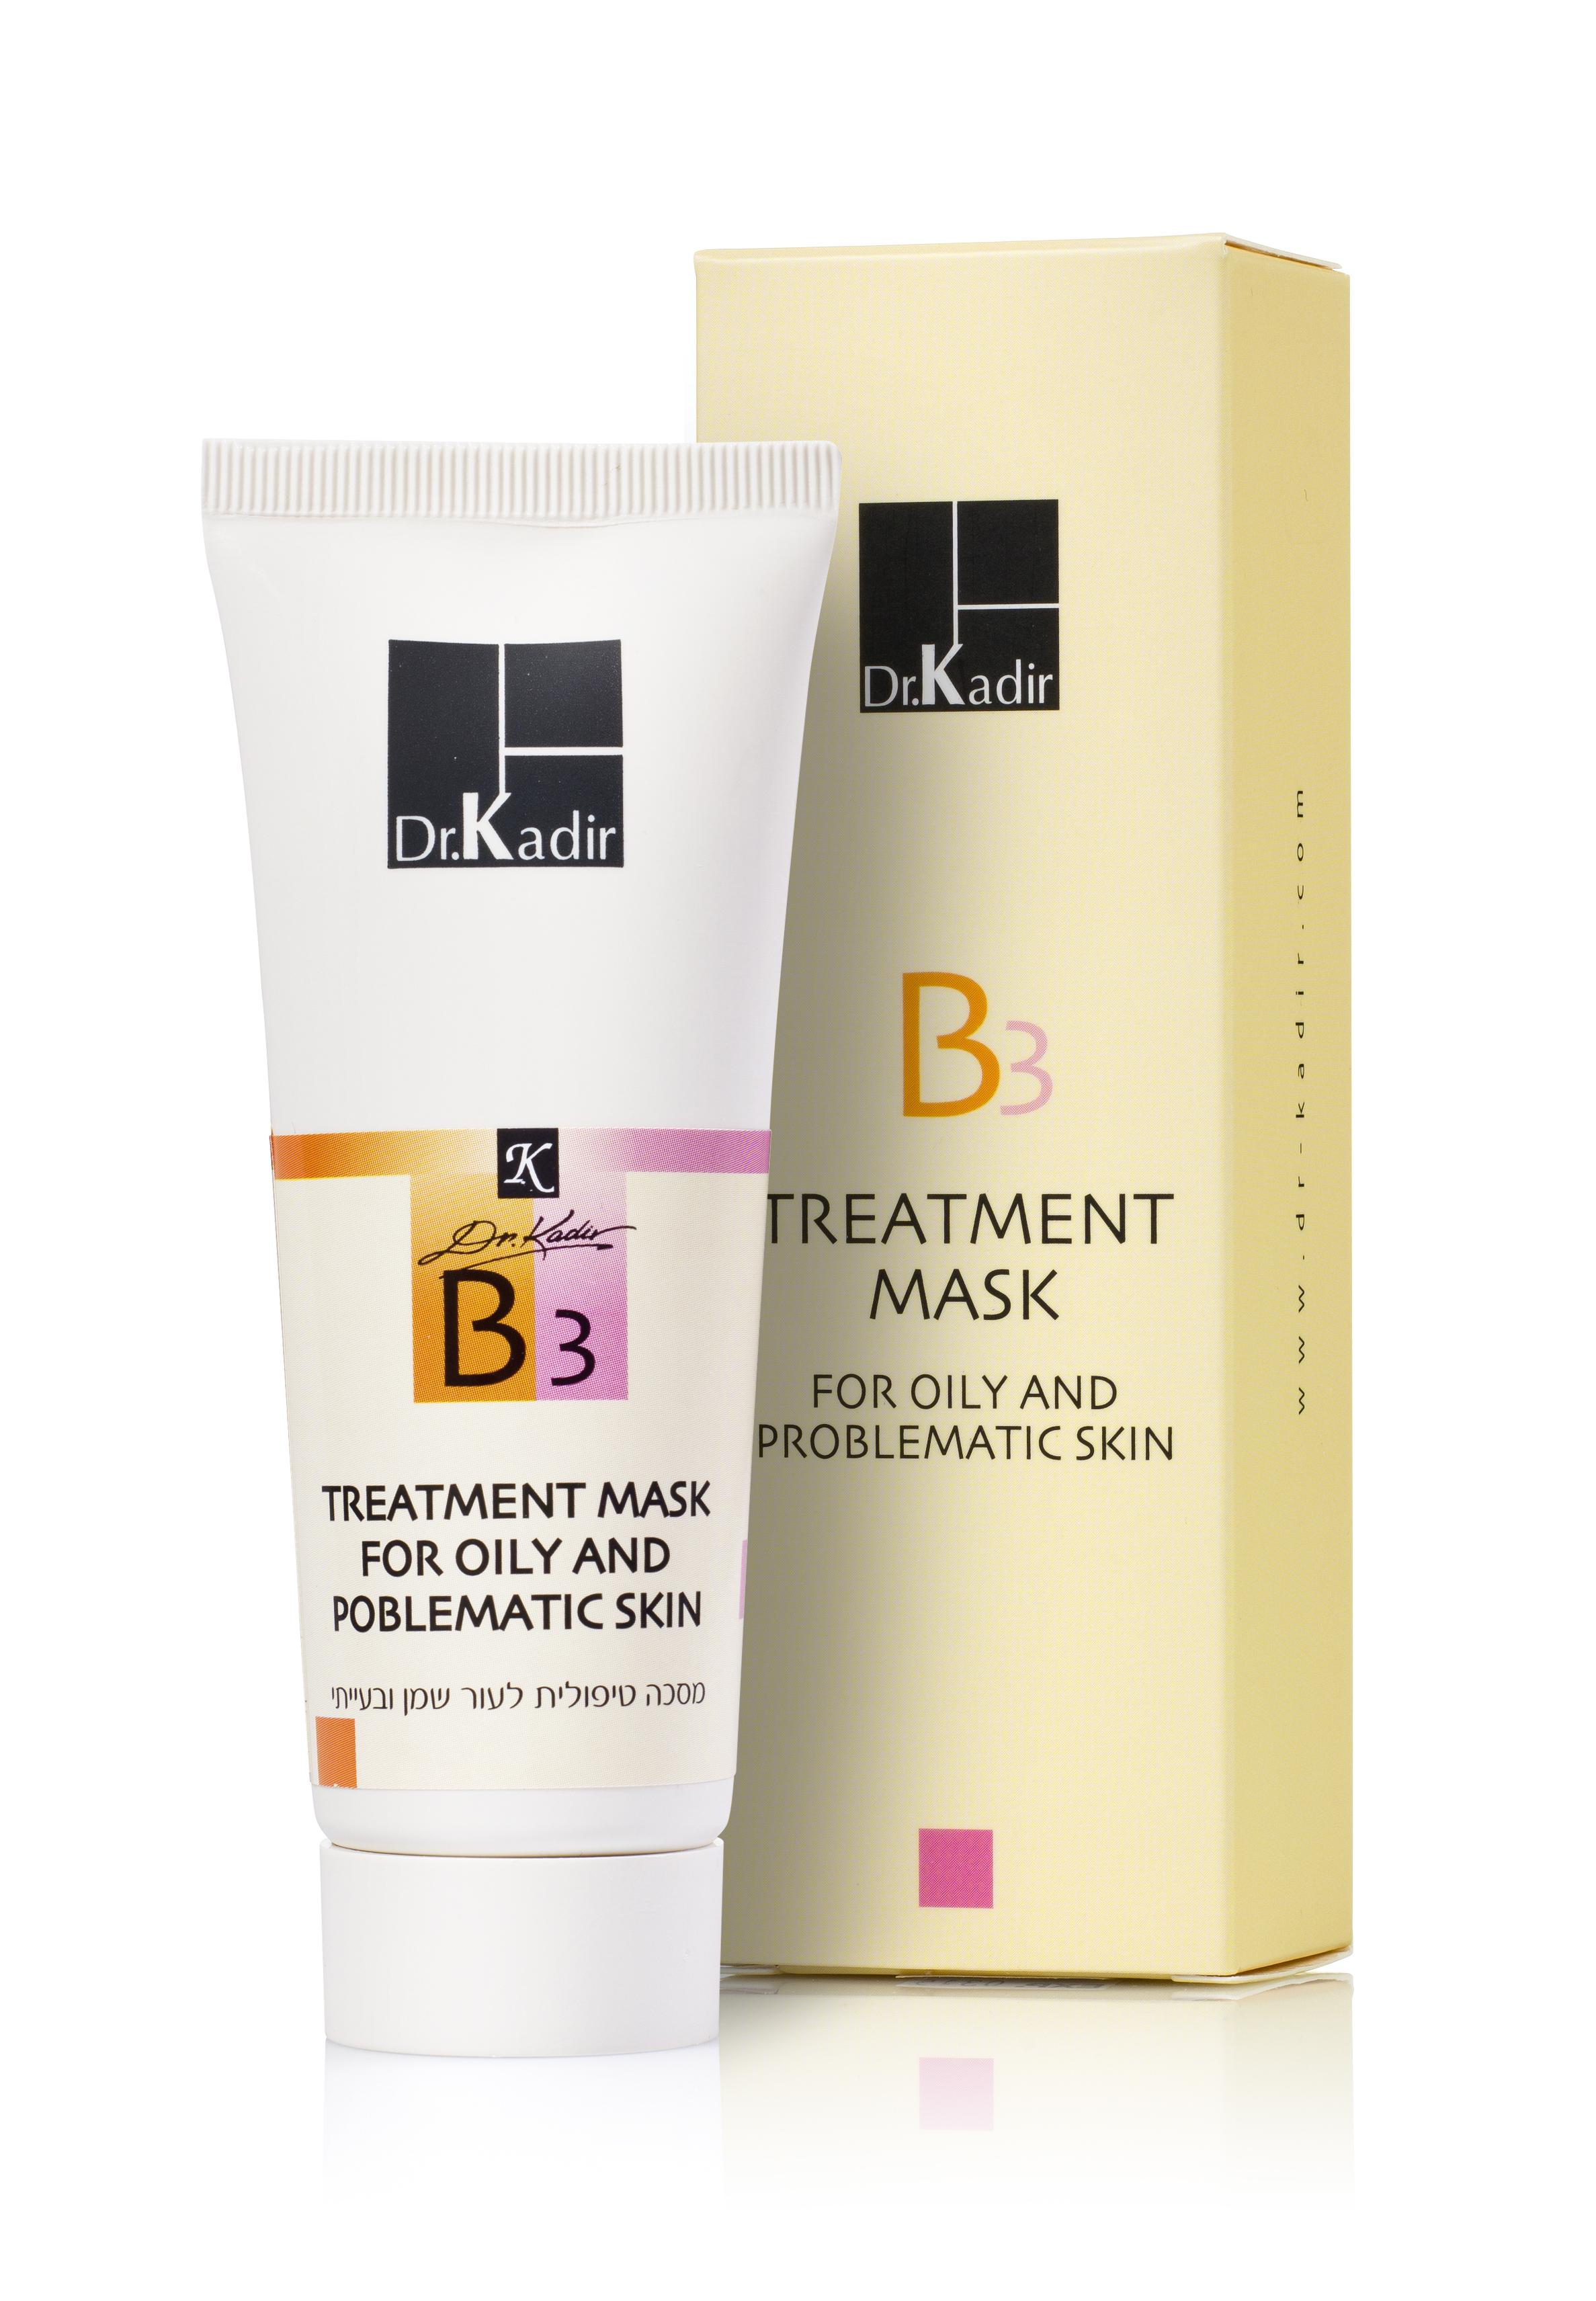 DR KADIR Маска для жирной и проблемной кожи / B3 home care 75млМаски<br>B3 Mask For Oily And Problematic Skin — лечебная маска основанная на уникальной комбинации экстрактов трех растений, обладающих успокаивающим, и освежающим эффектом: арники, календулы и алоэ настоящего. Витамин B3 снижает секрецию кожного сала. Маска также прекрасно успокаивает и дезинфицирует кожу после чистки. Активные ингредиенты: каолин, экстракт алоэ, ниацинамид, экстракт арники, экстракт календулы, пантенол, Витамин Е, бисаболол, аллантоин, молочная кислота, усниновая кислота. Способ применения: нанести маску толстым слоем на лицо, оставить на 10-15 минут, после тщательно смыть.<br>